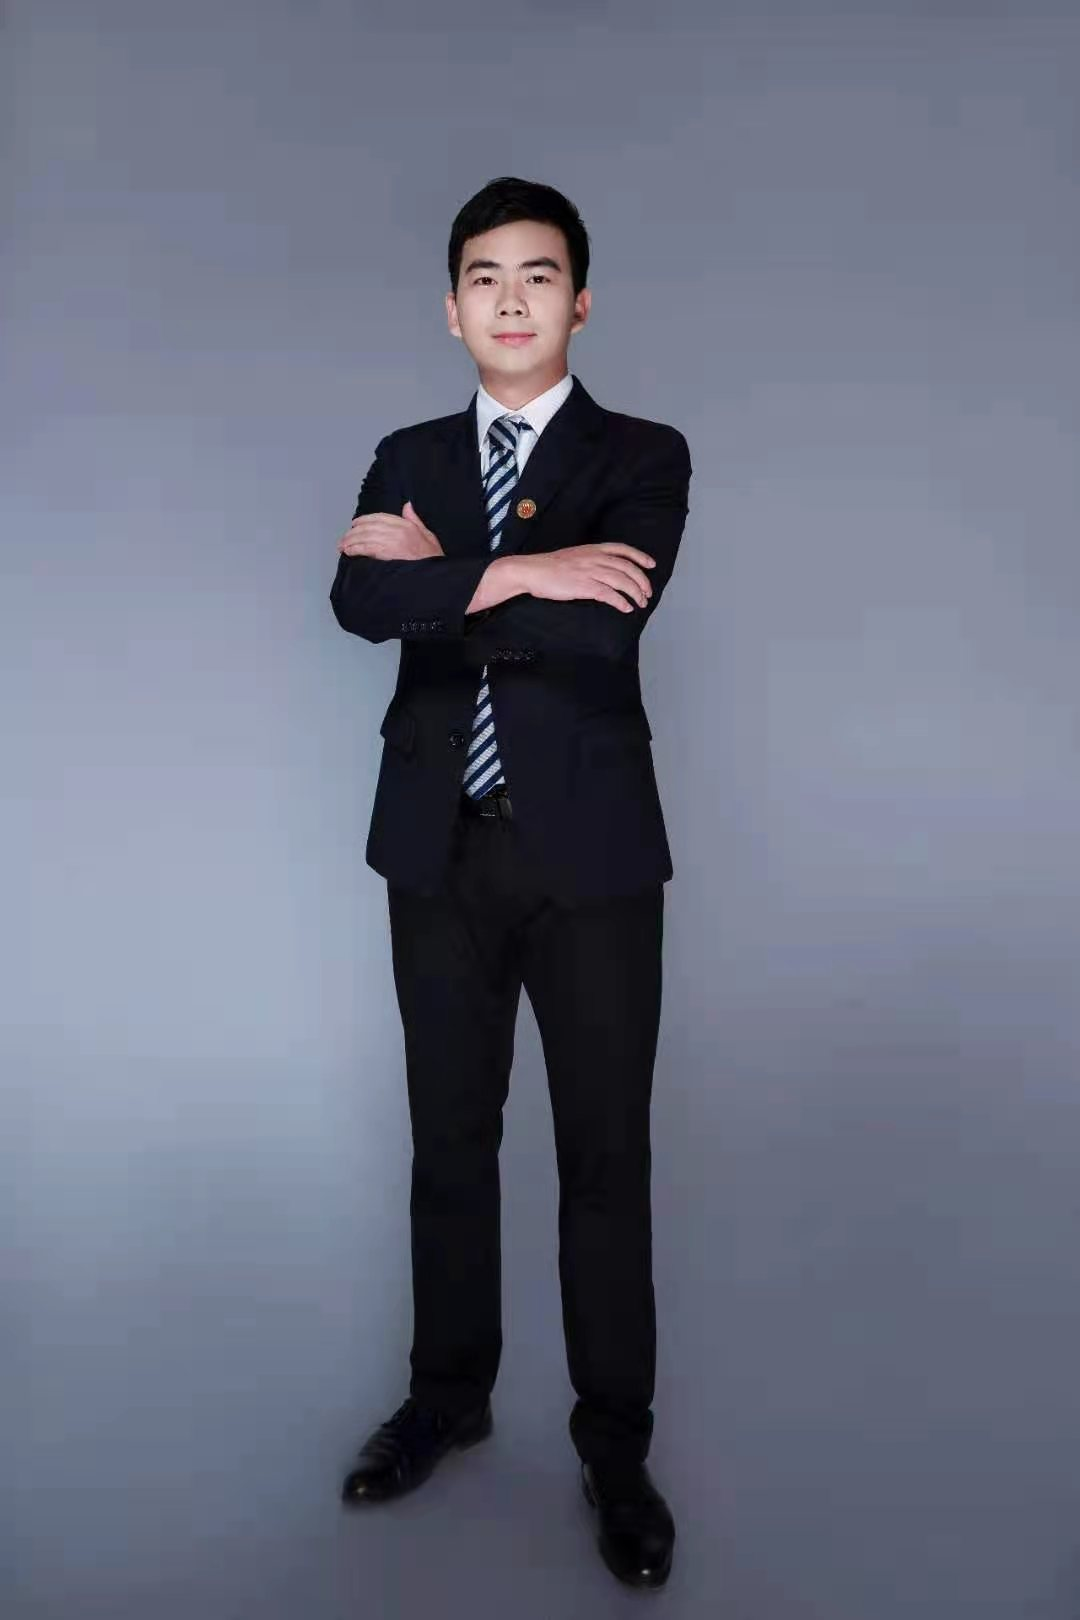 廖敦龙律师